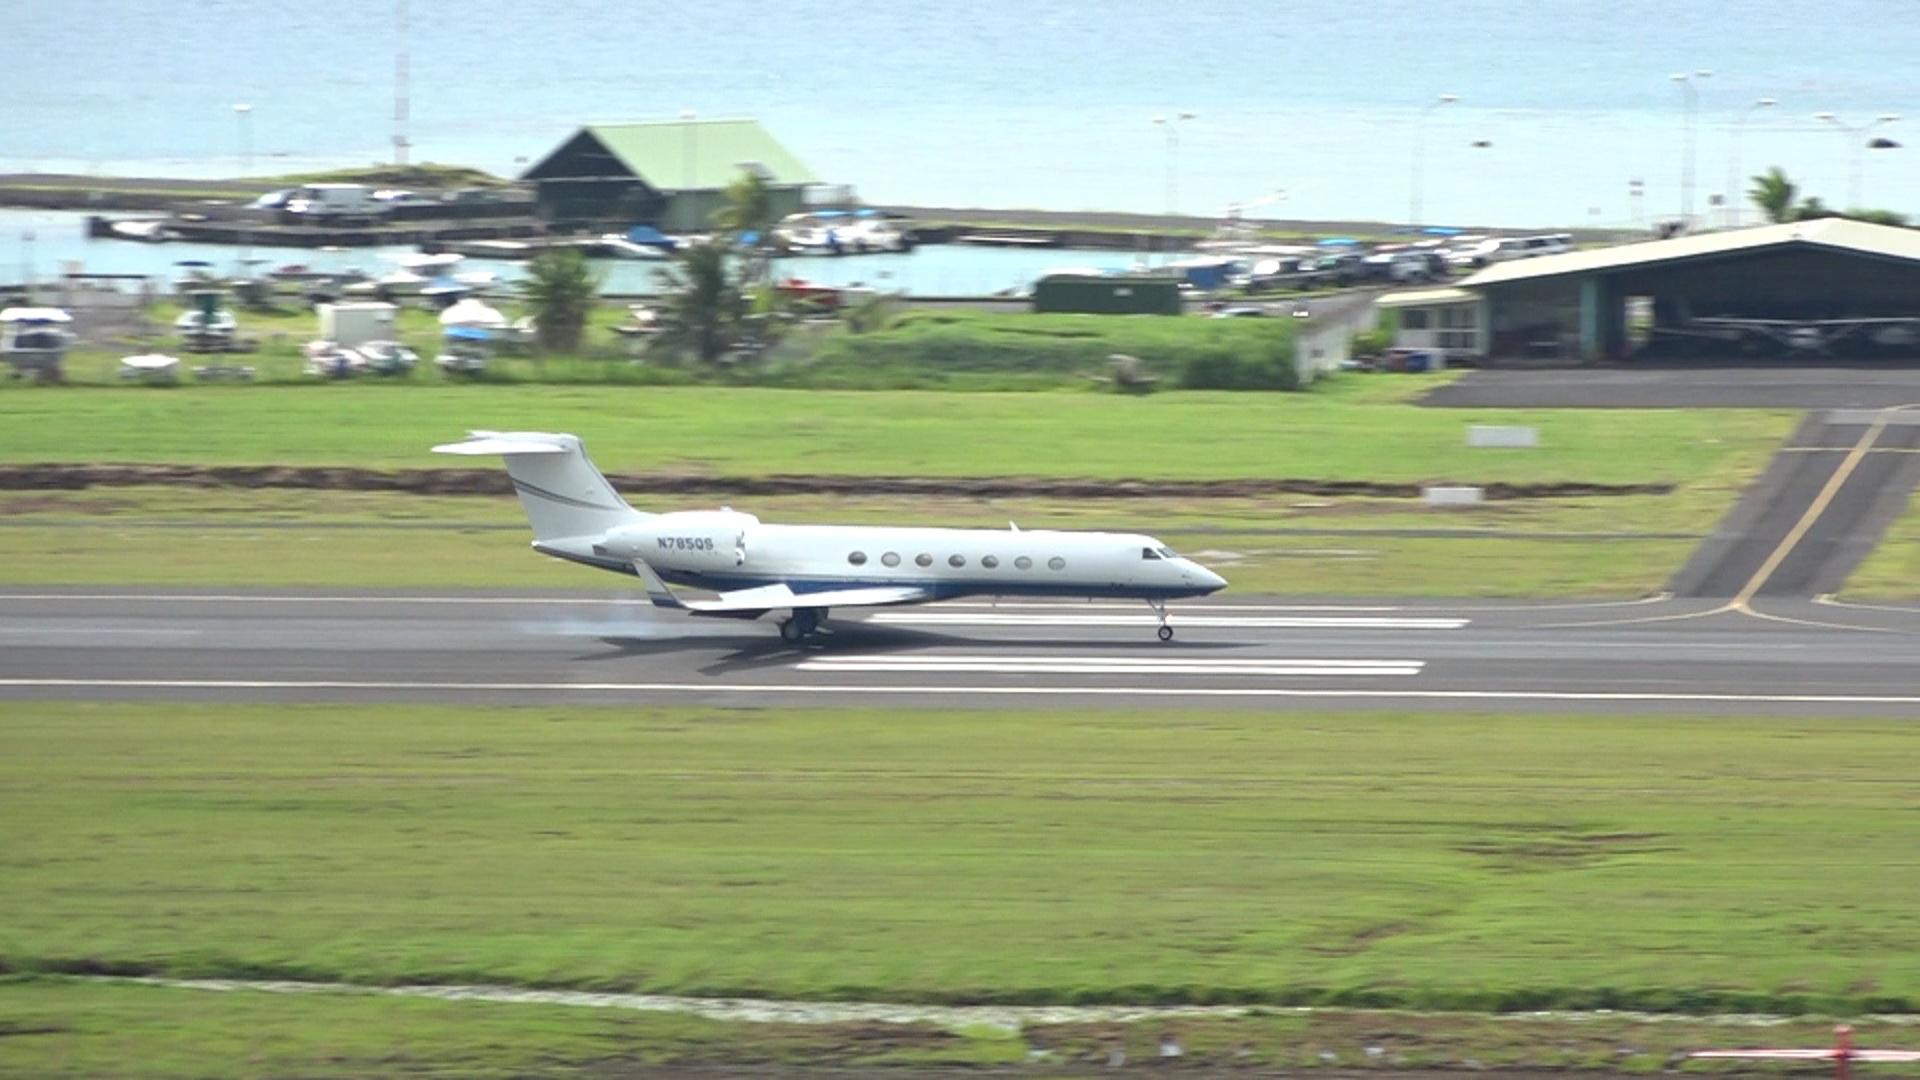 Le jet de l'ancien Président américain s'est posé à 15h21, ce mercredi, sur le tarmac de l'aéroport de Tahiti-Faa'a ©TNTV